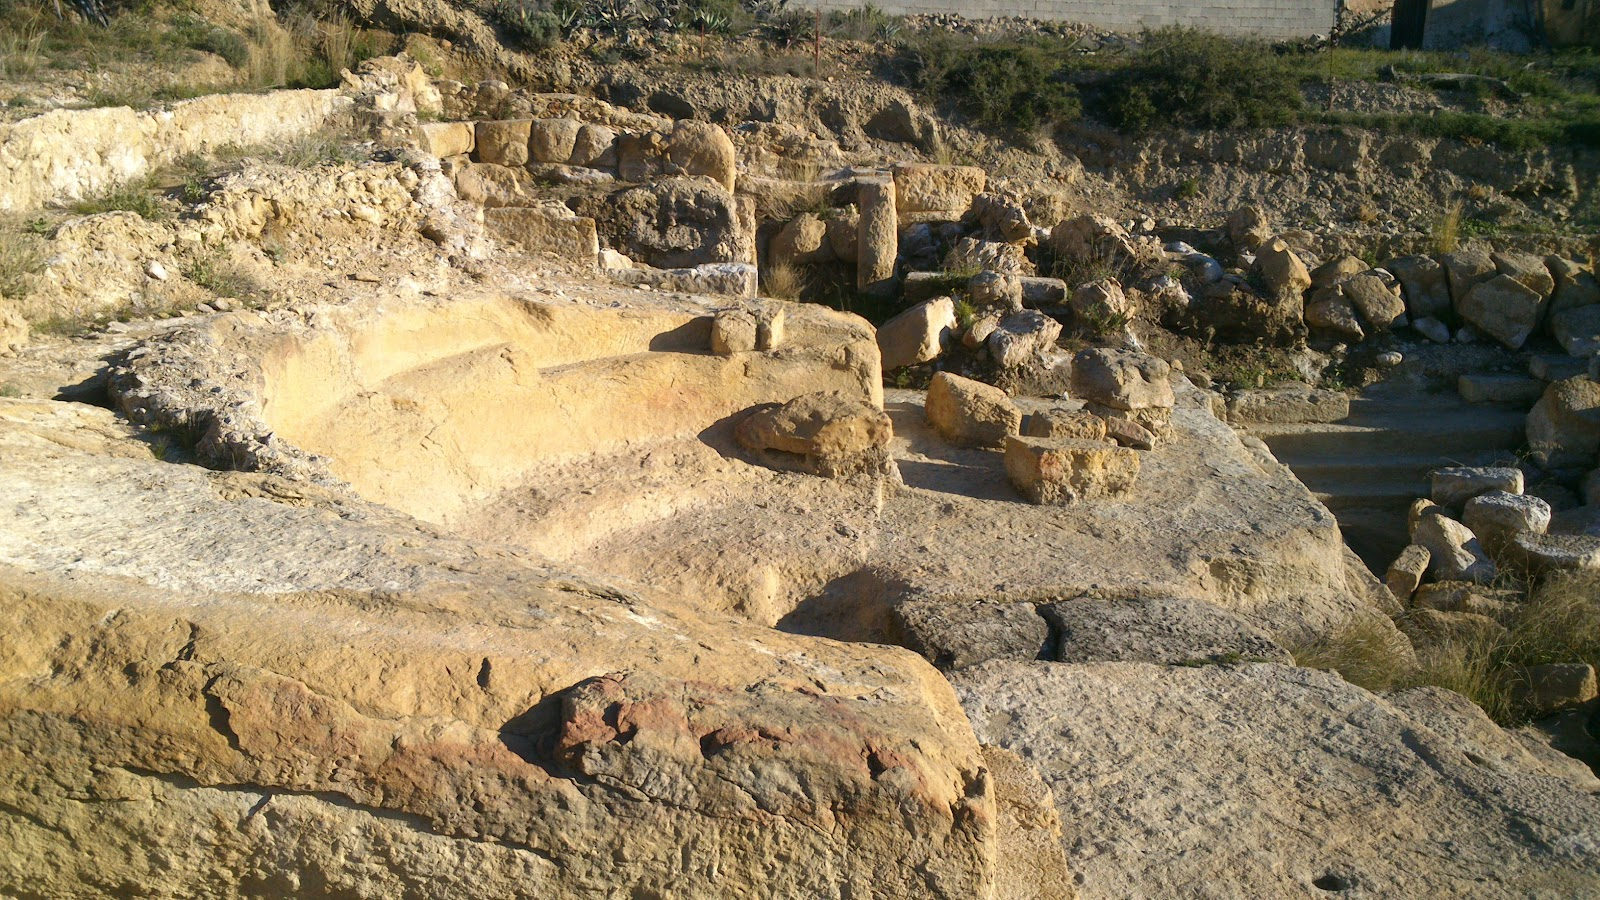 Baños Romanos Fortuna: la Sierra de Baños, visita a la cueva negra y los baños romanos